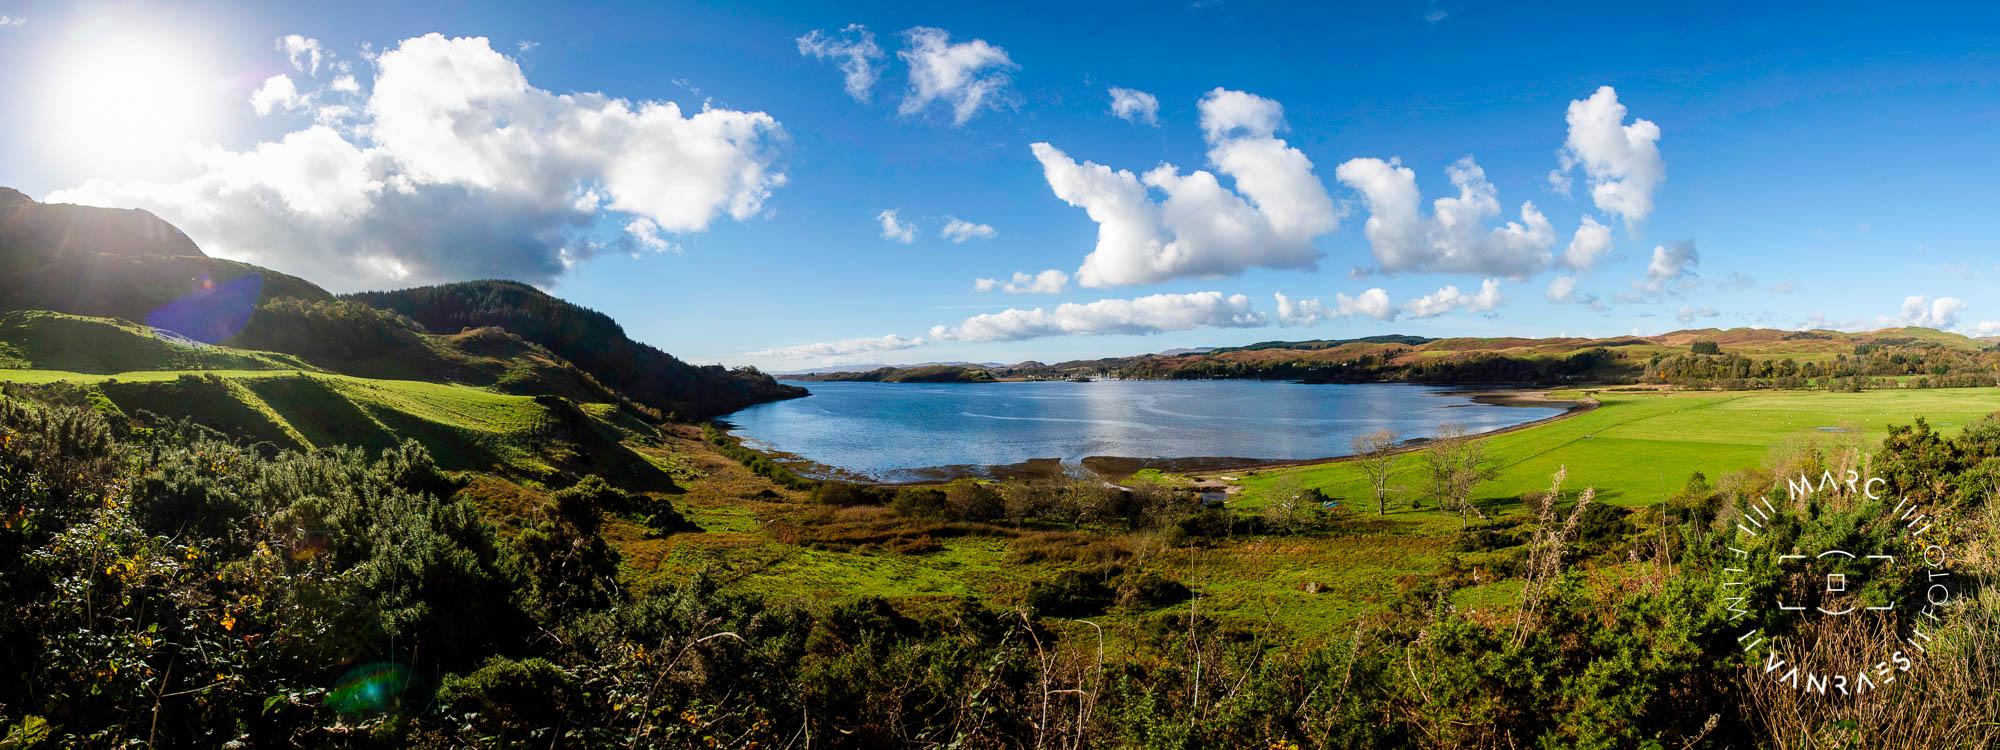 © Deze foto's van Lochgilphead - www.marcvanraes.be - _